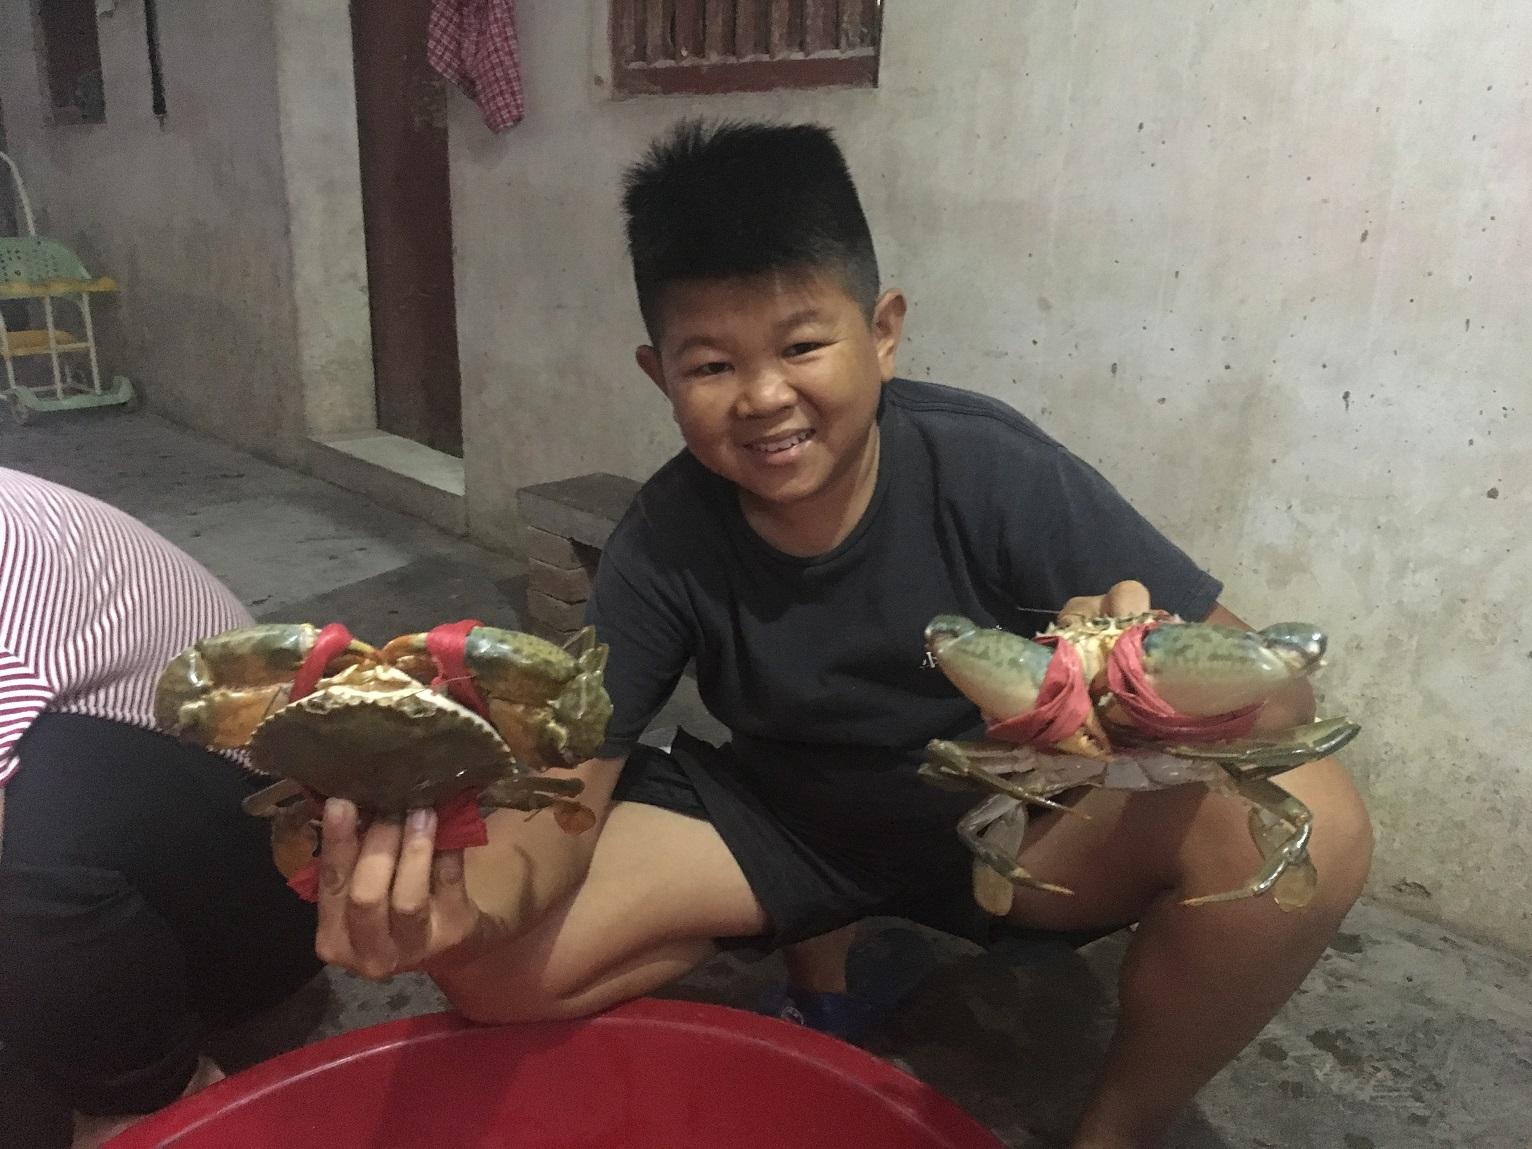 鲜香满溢,小六献上肥美大闸蟹招待远道而来的网友,走心了